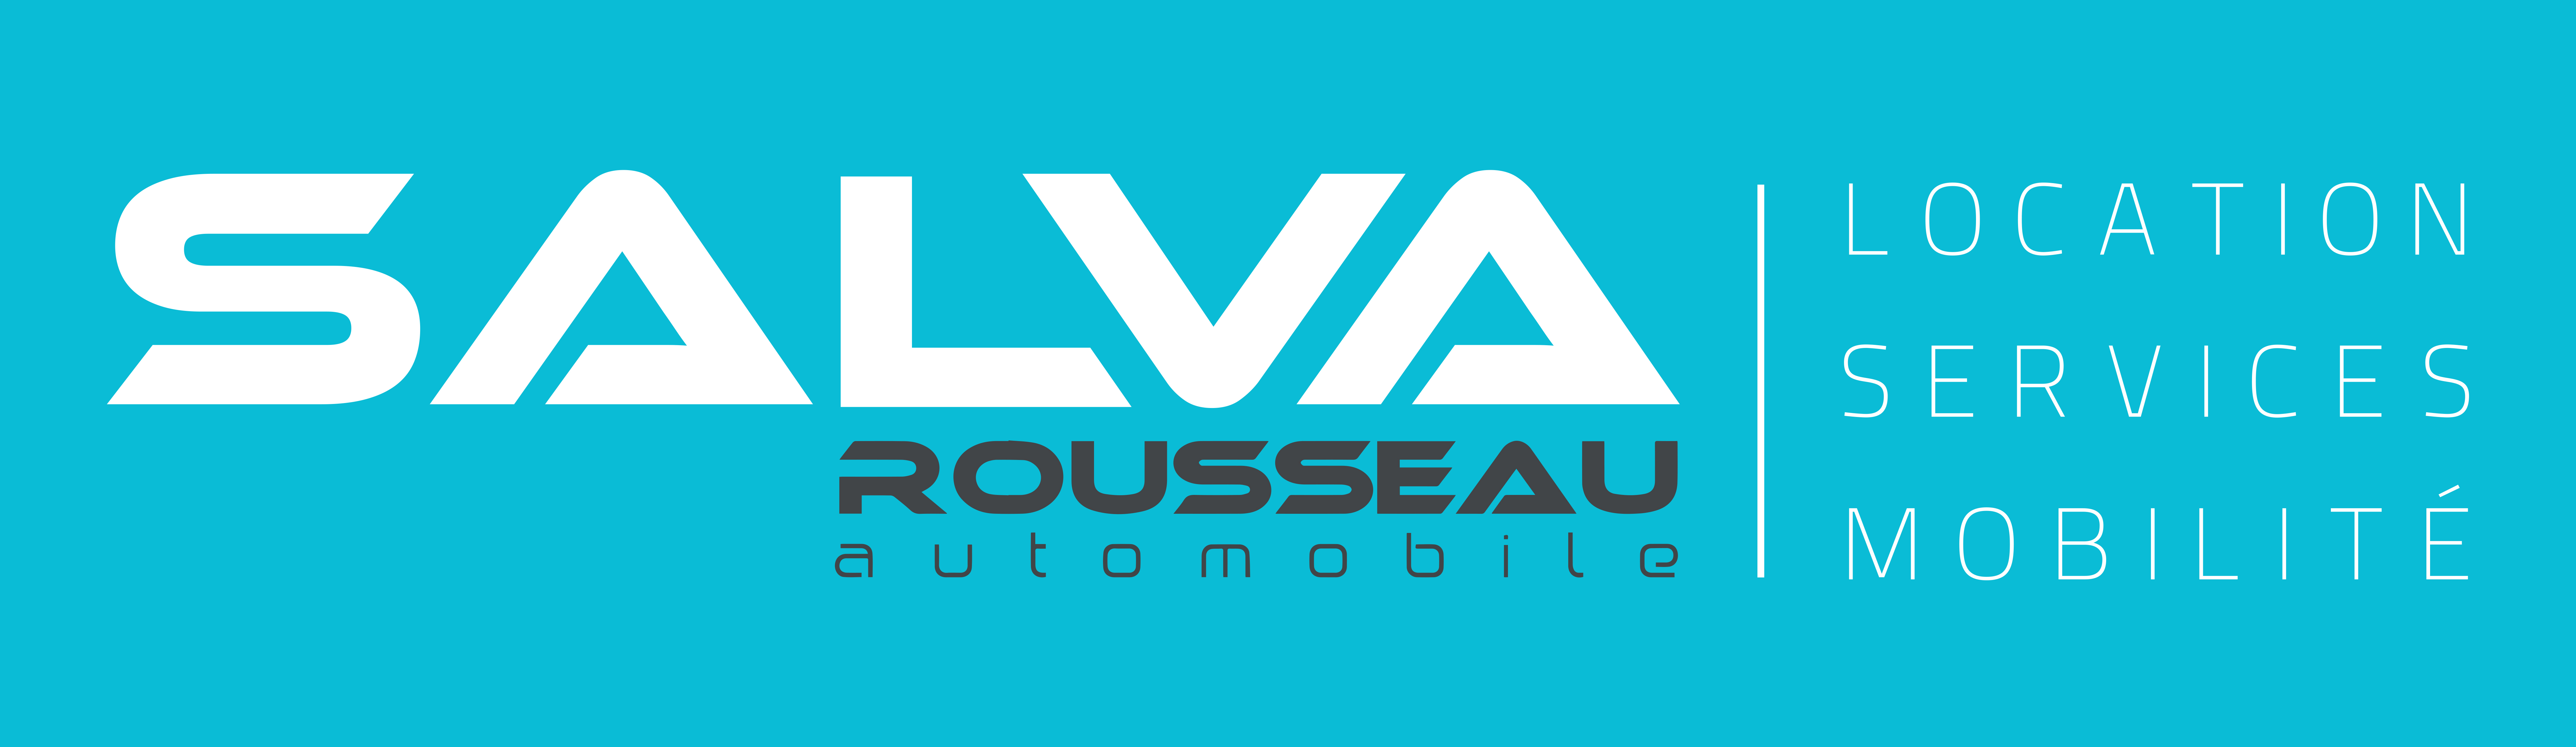 Salva Rousseau Automobile spécialiste location véhicule